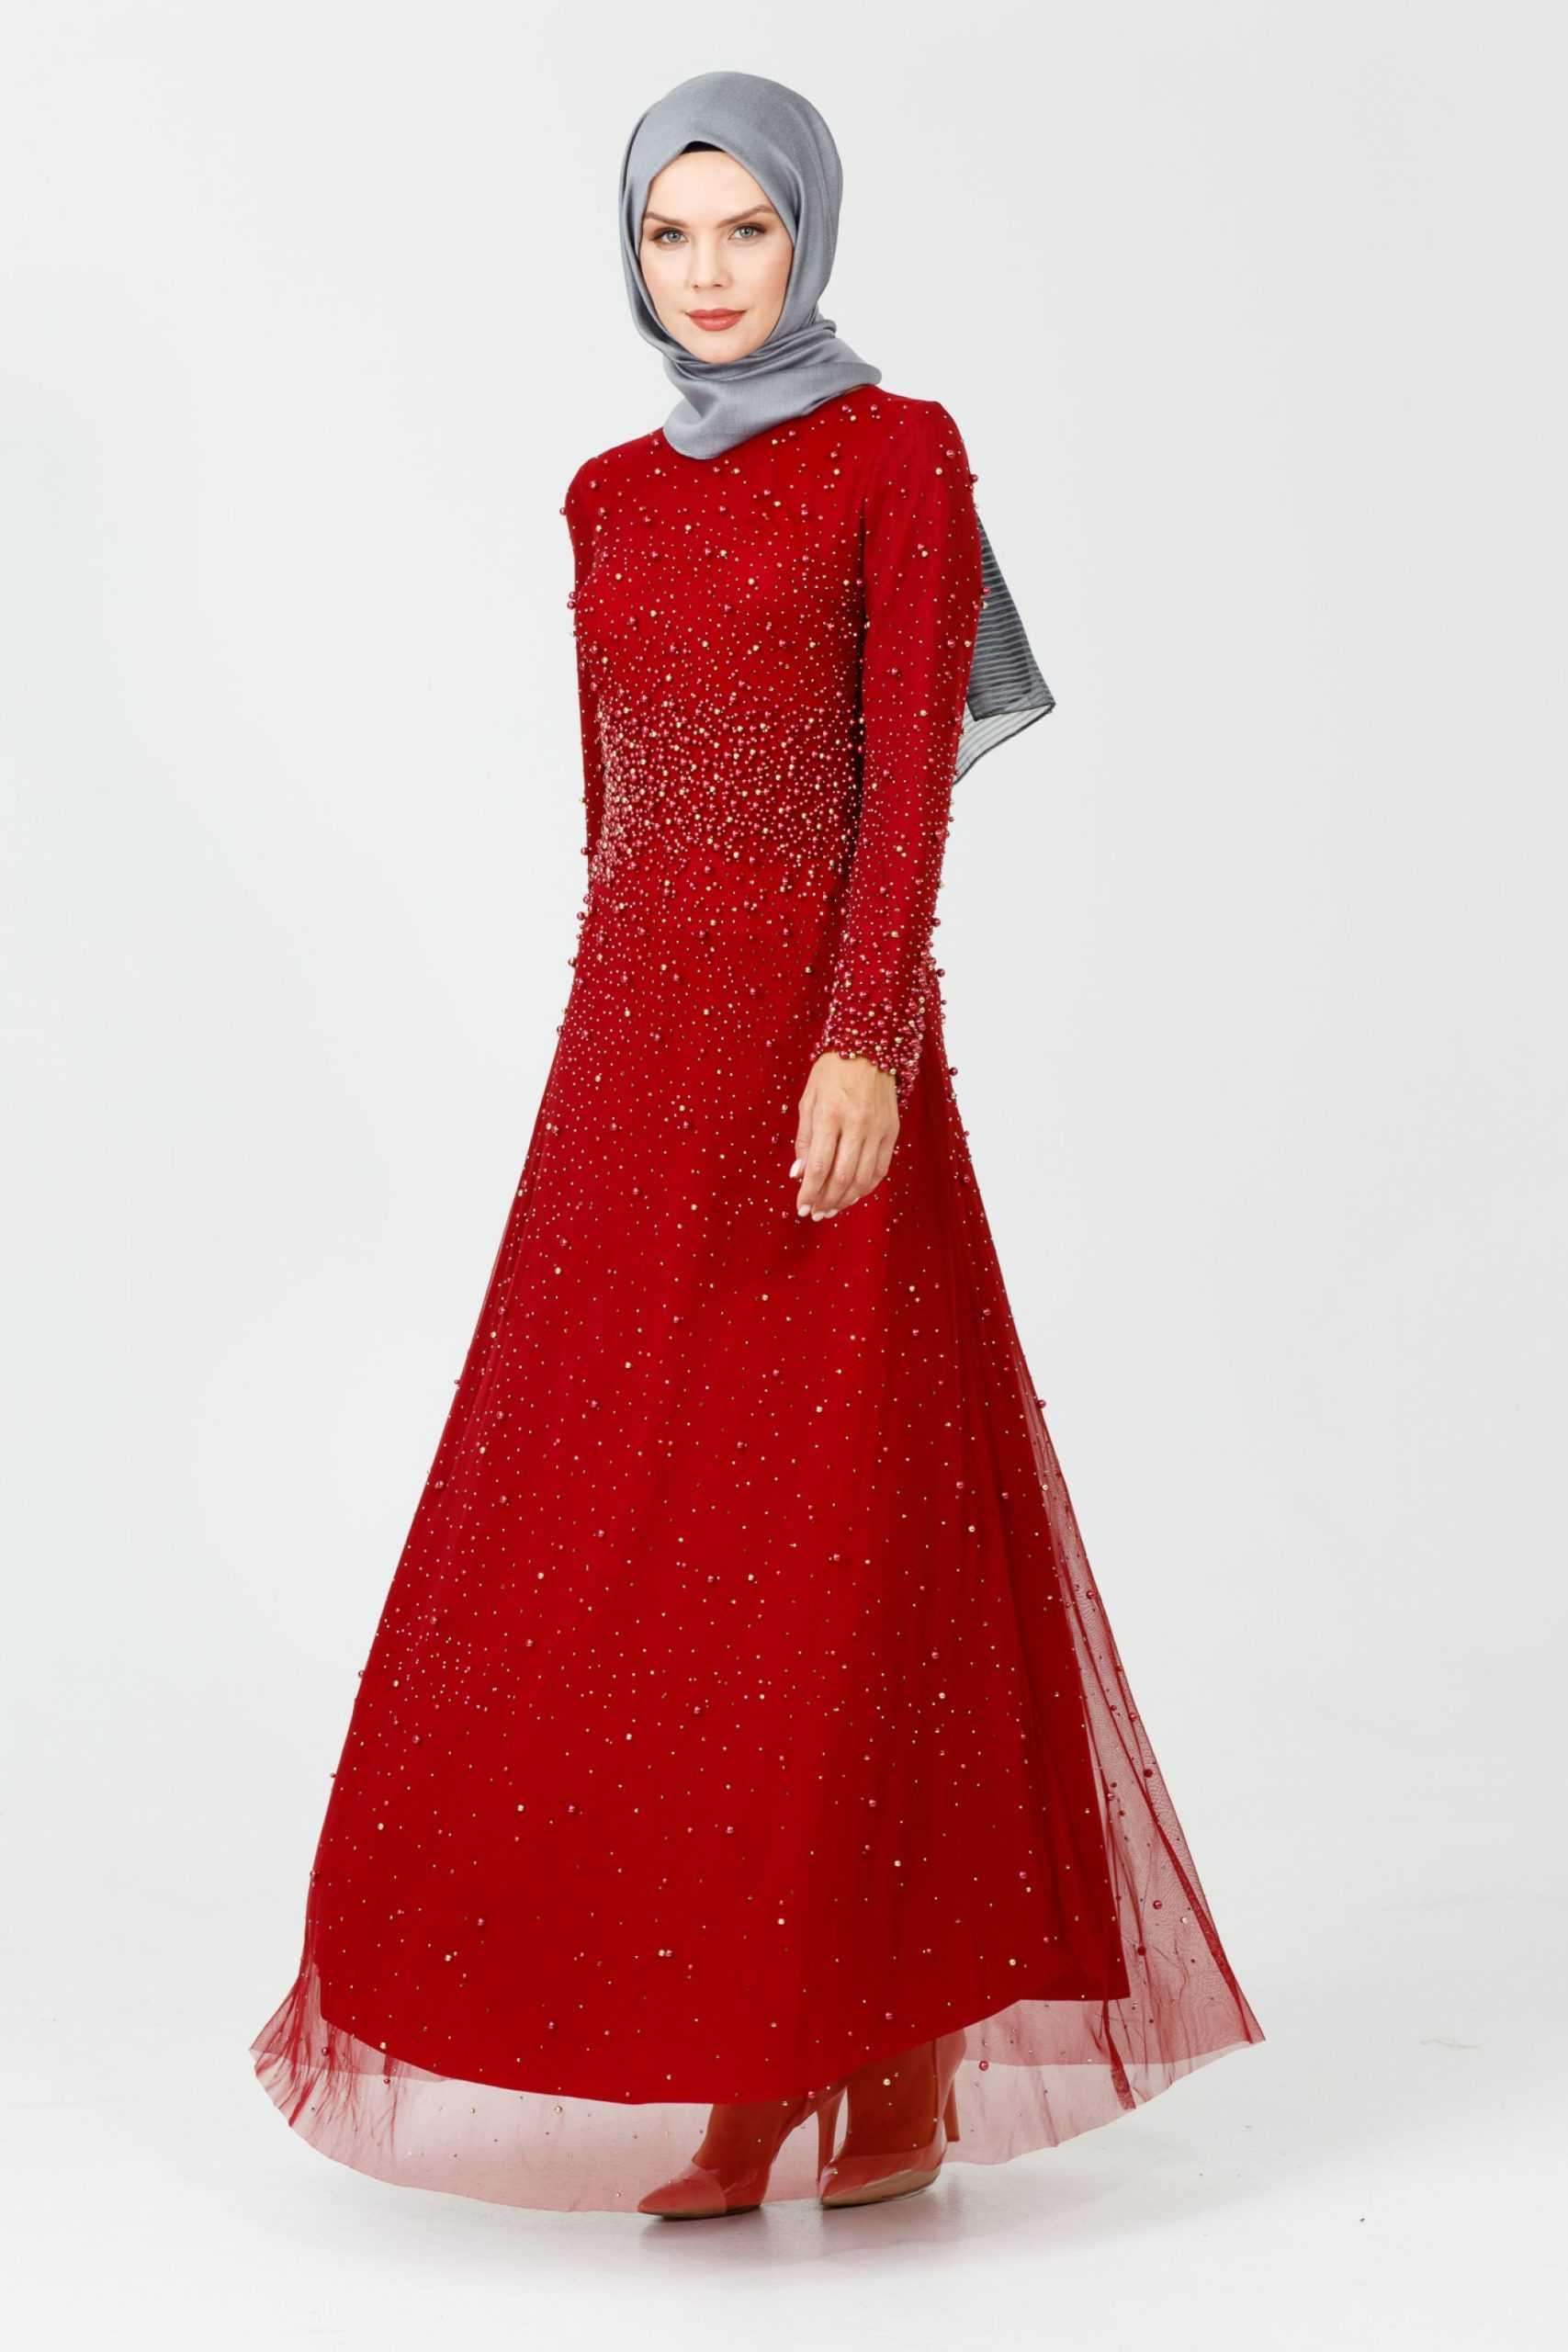 Setrms Kırmızı Tesettür Abiye Elbise Modelleri